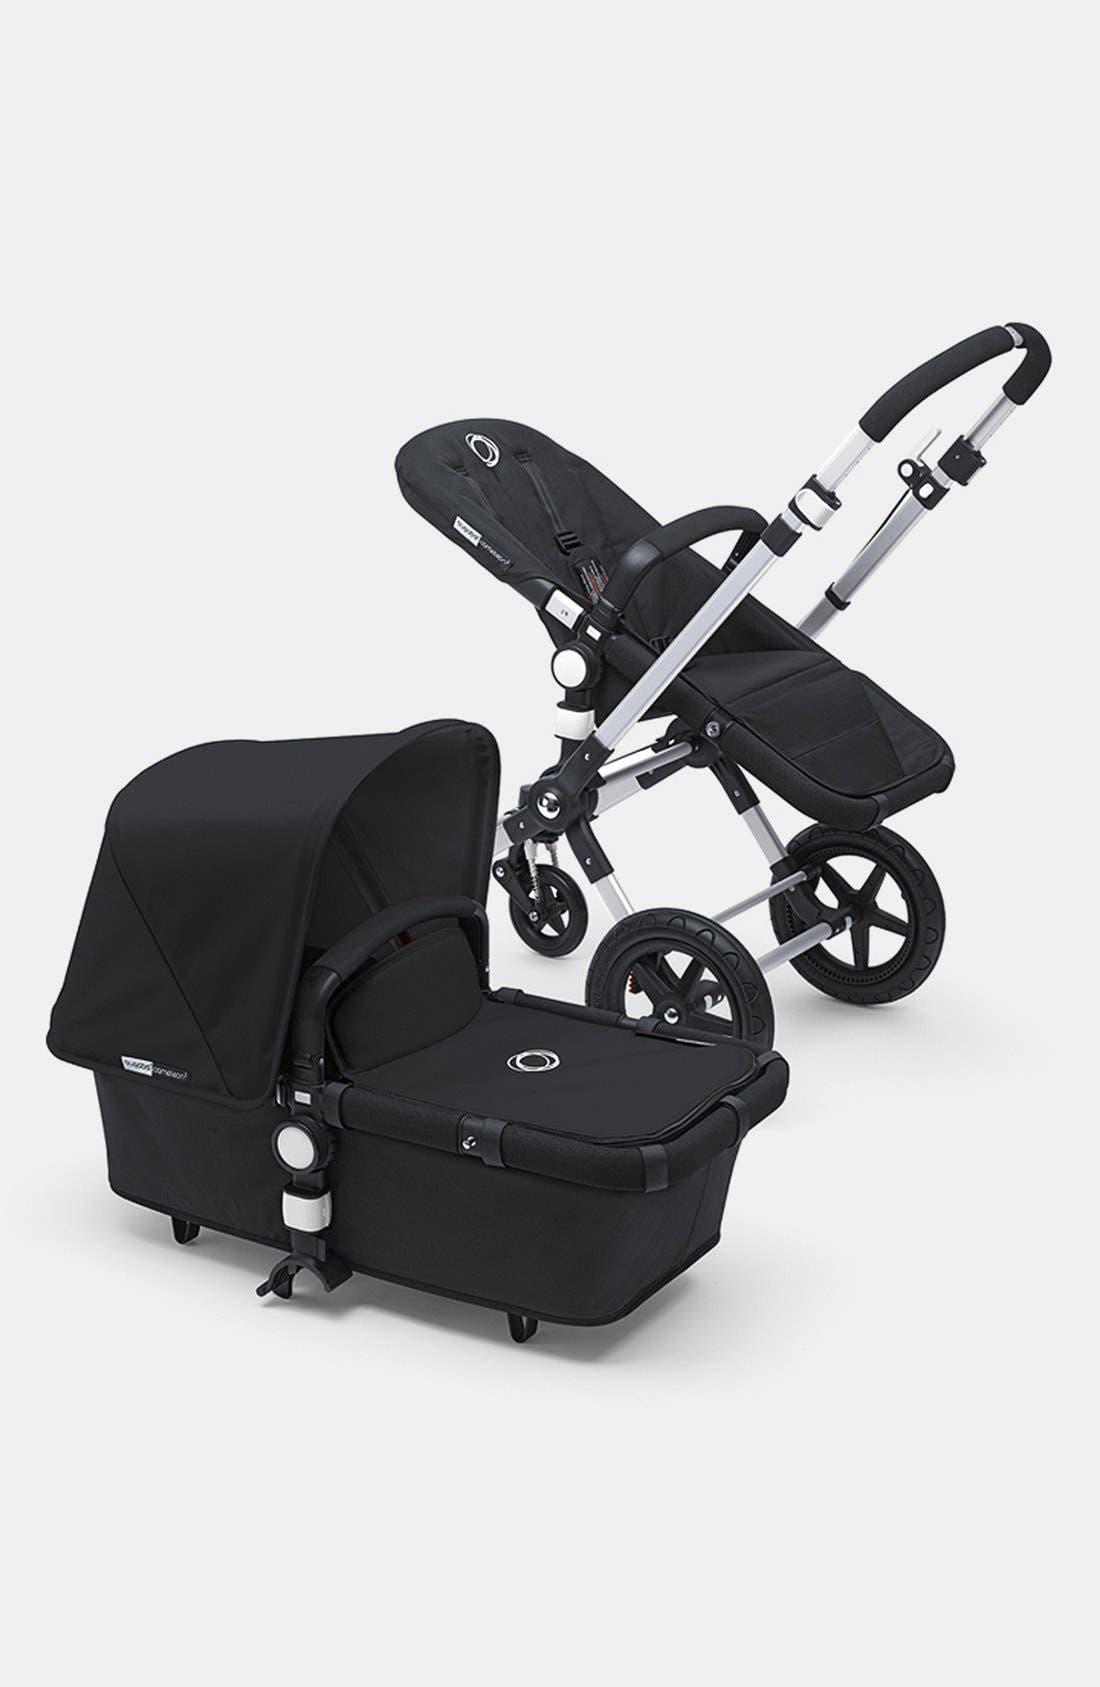 Main Image - Bugaboo 'Cameleon³' Stroller - Aluminum Frame